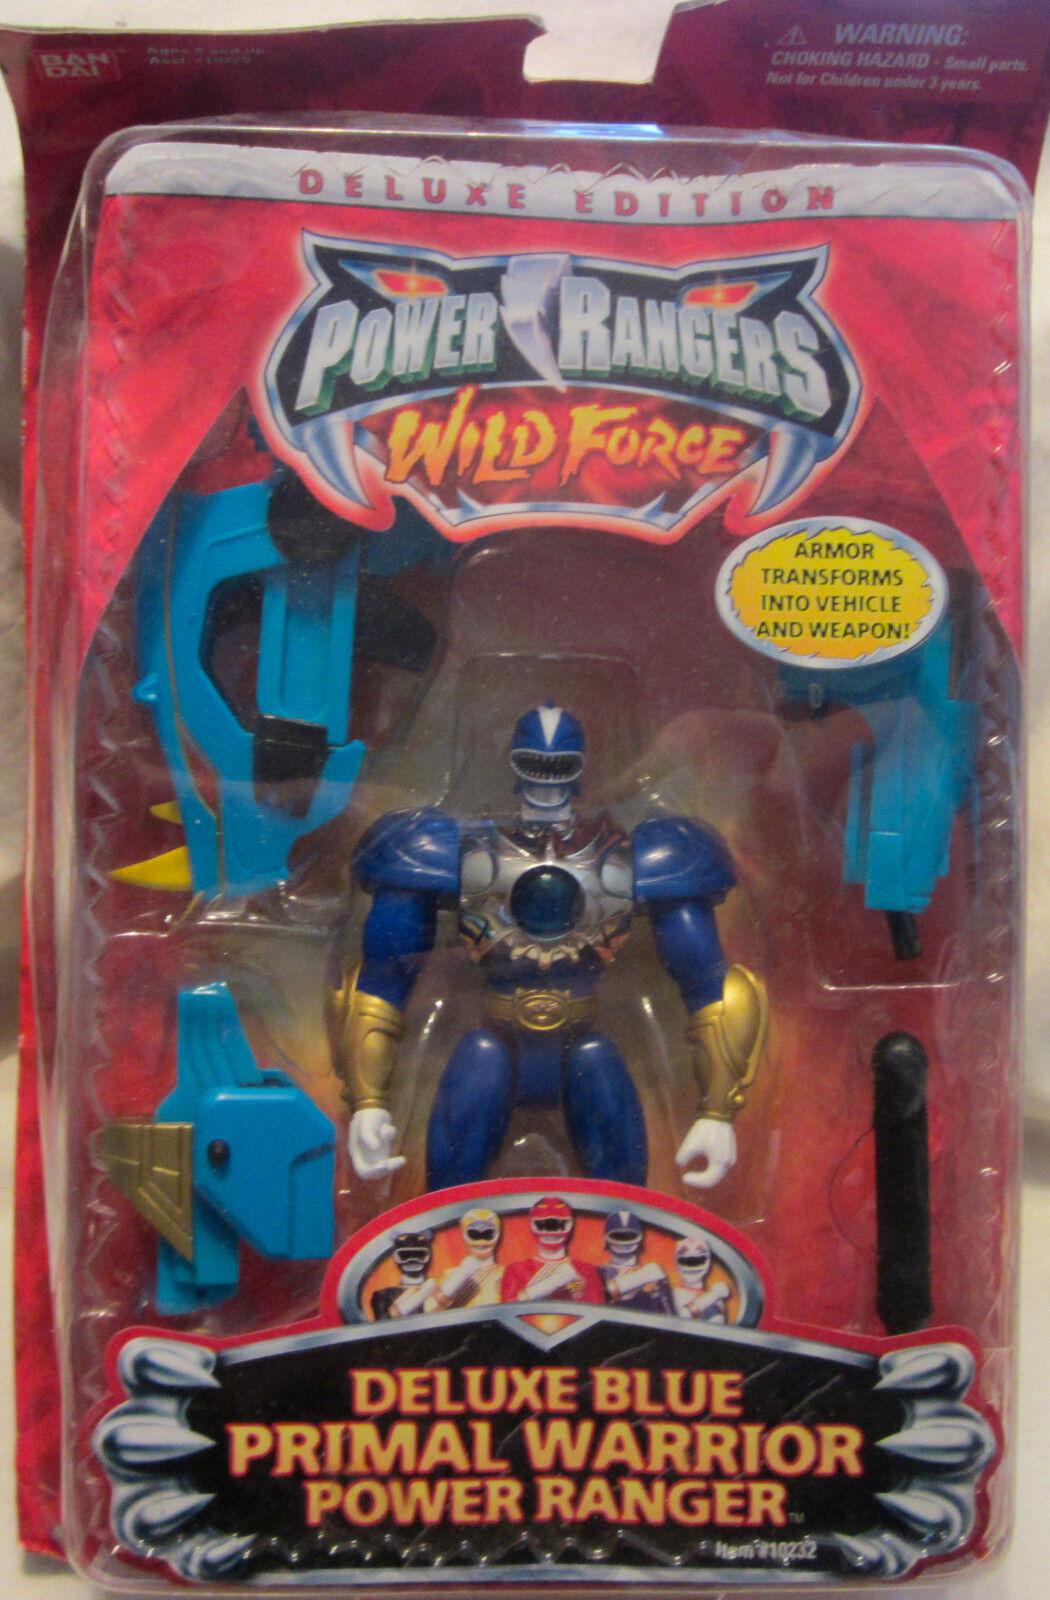 Power rangers wilde kraft  deluxe blau urtümliche krieger power ranger